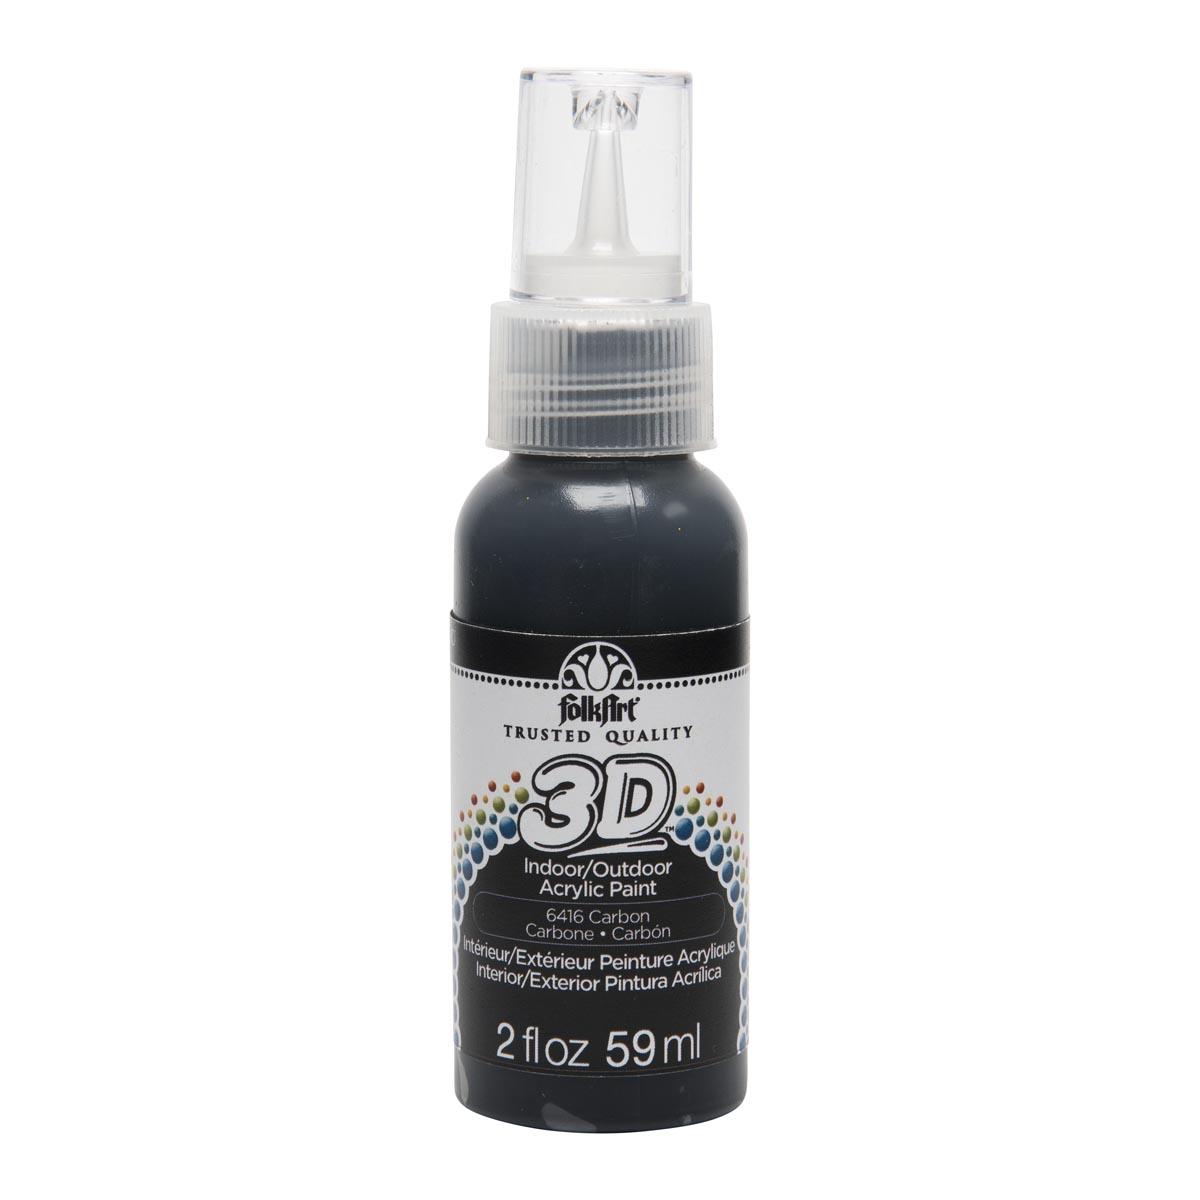 FolkArt ® 3D™ Acrylic Paint - Carbon, 2 oz.